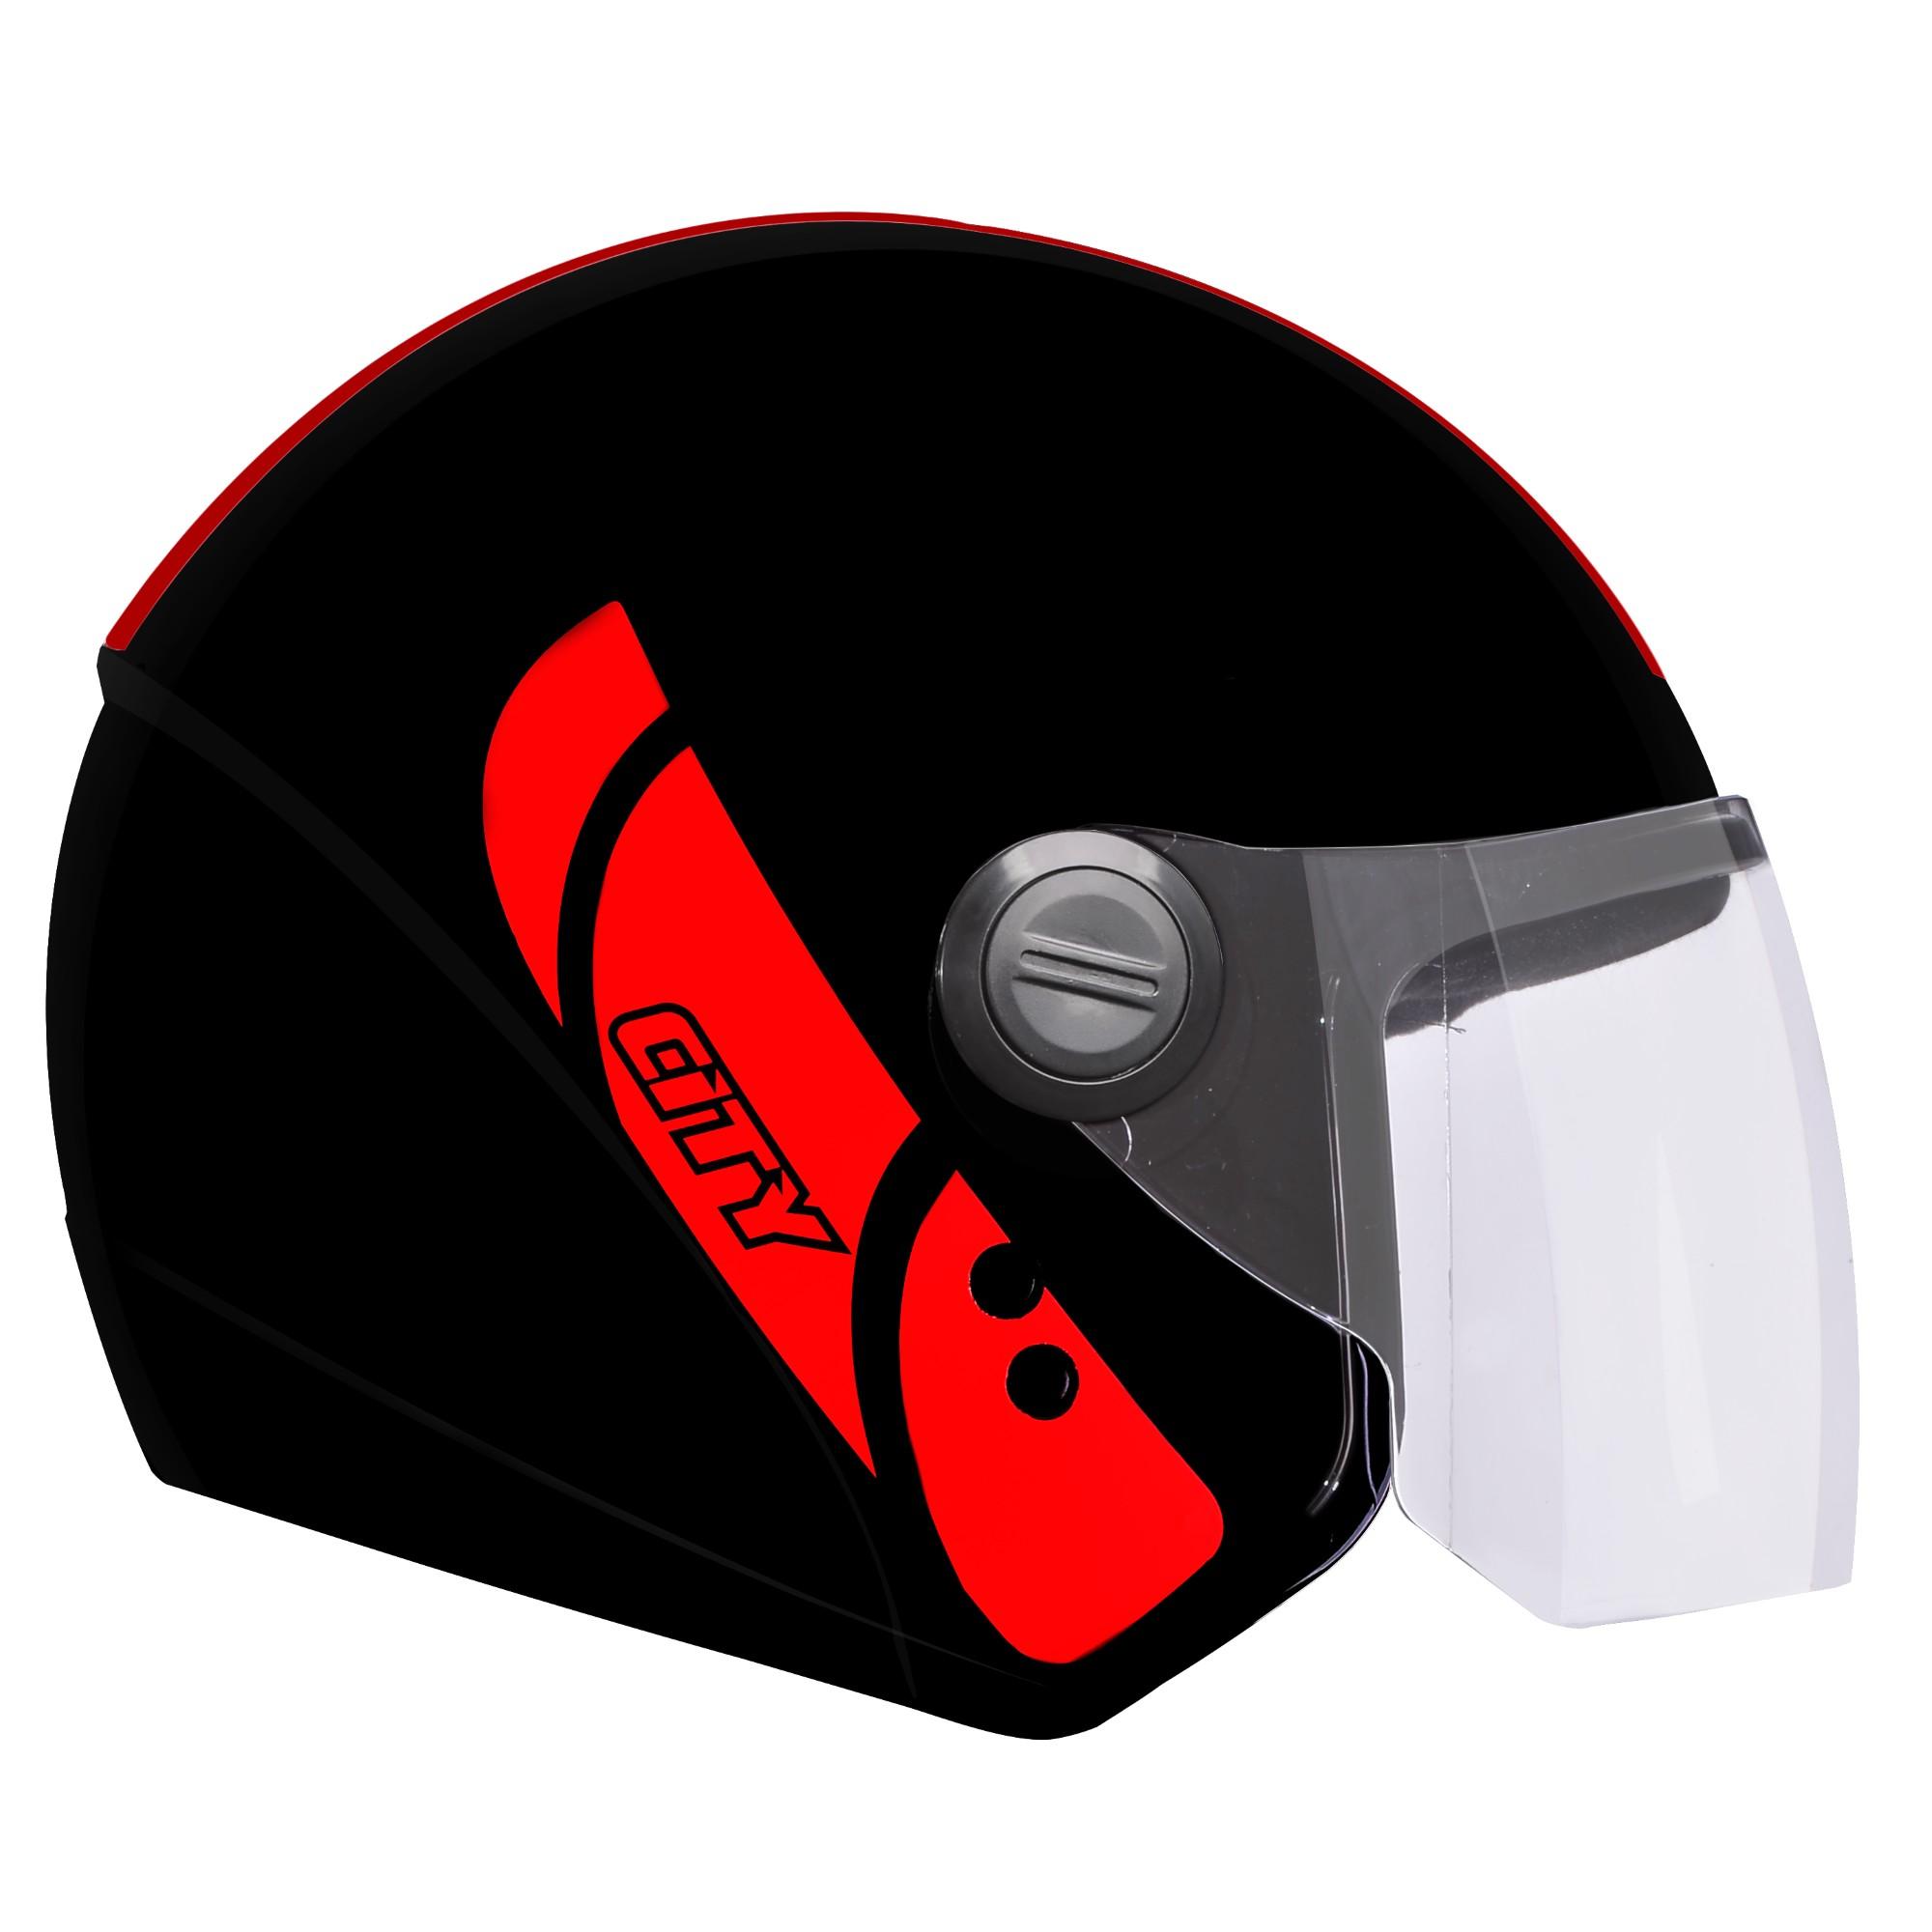 Capacete para Motociclista Aberto M M Ebf Capacetes - PT 58